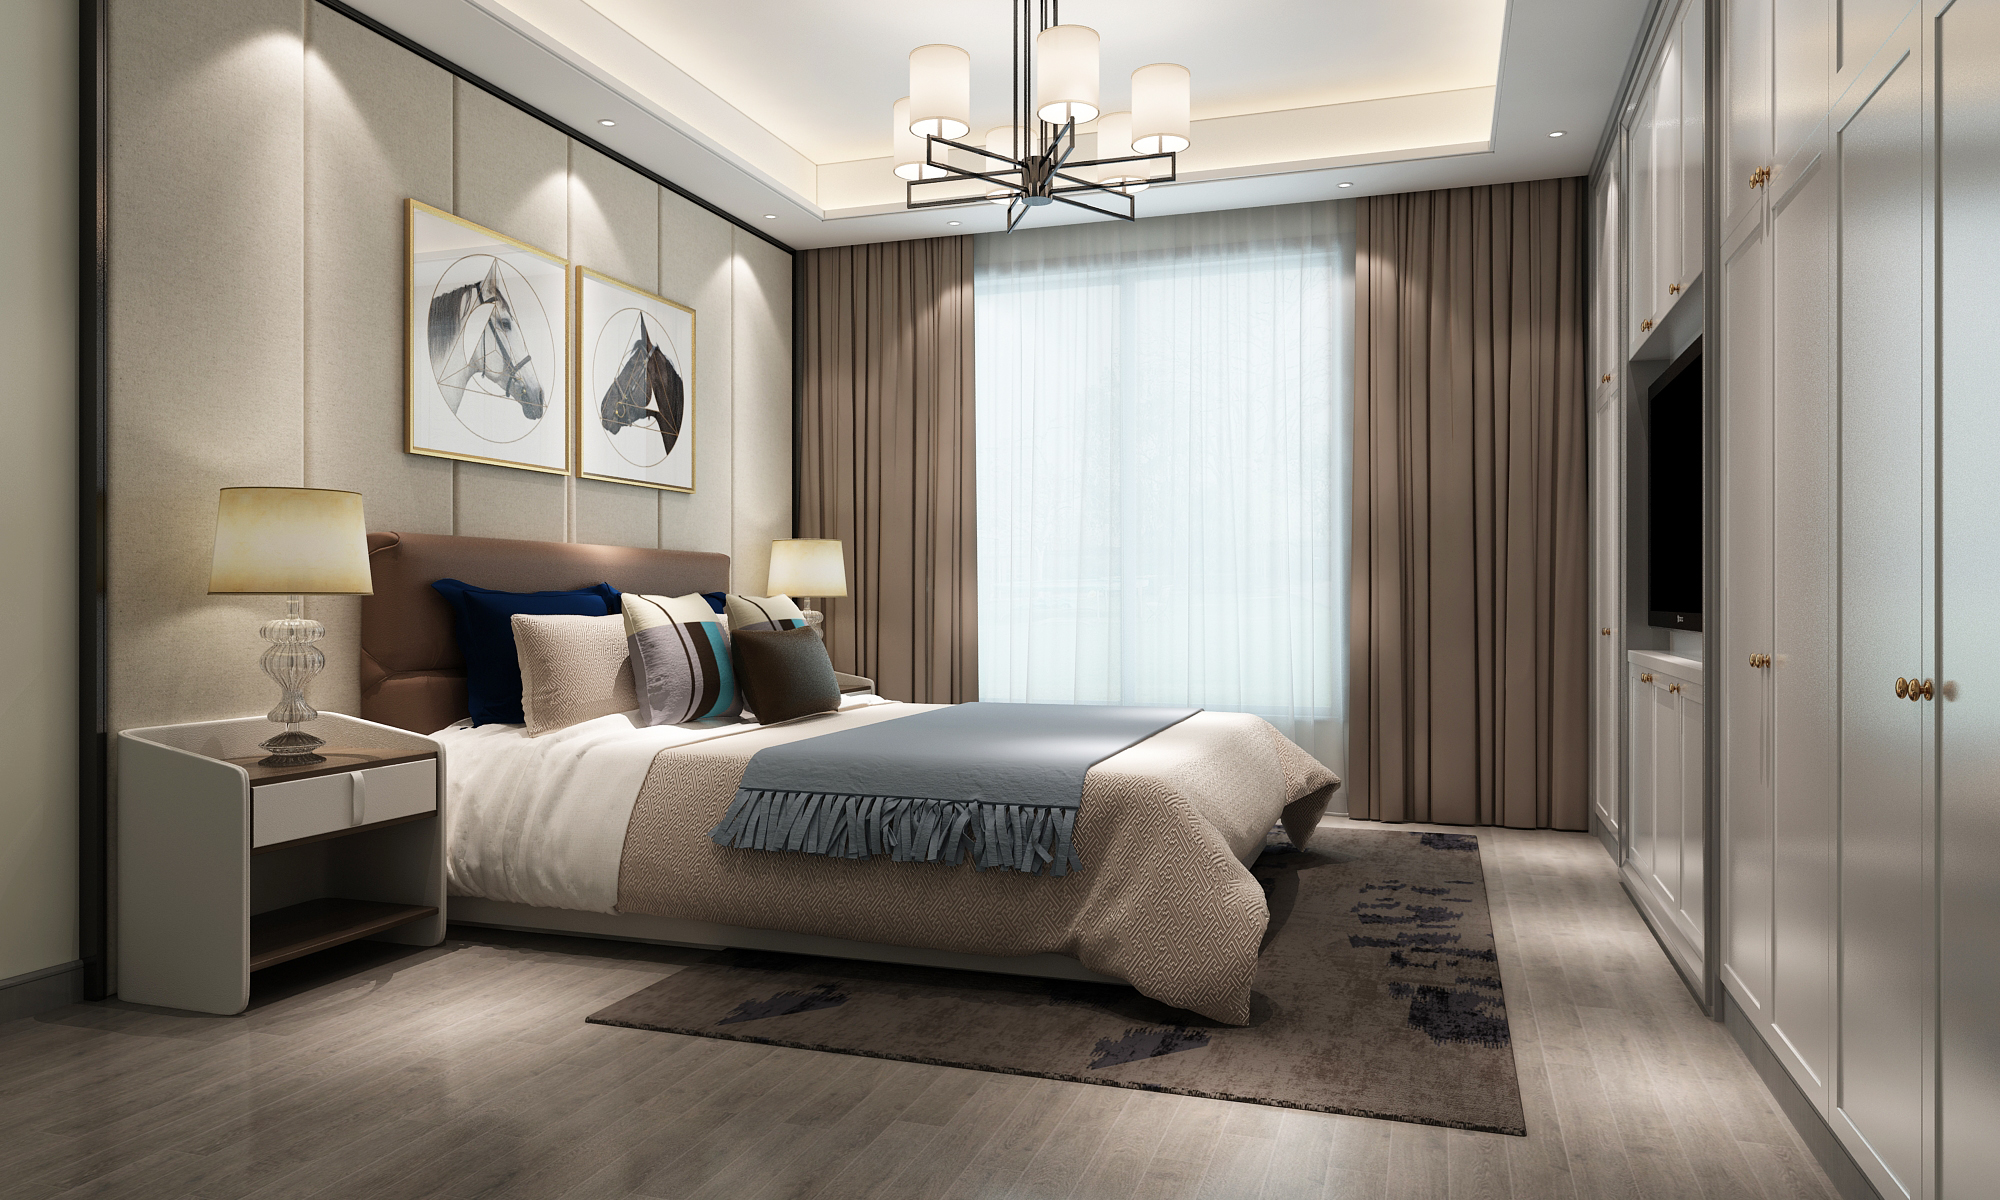 上海院子 别墅装修 现代风格 腾龙设计 卧室图片来自孔继民在上海院子别墅装修现代风格设计的分享